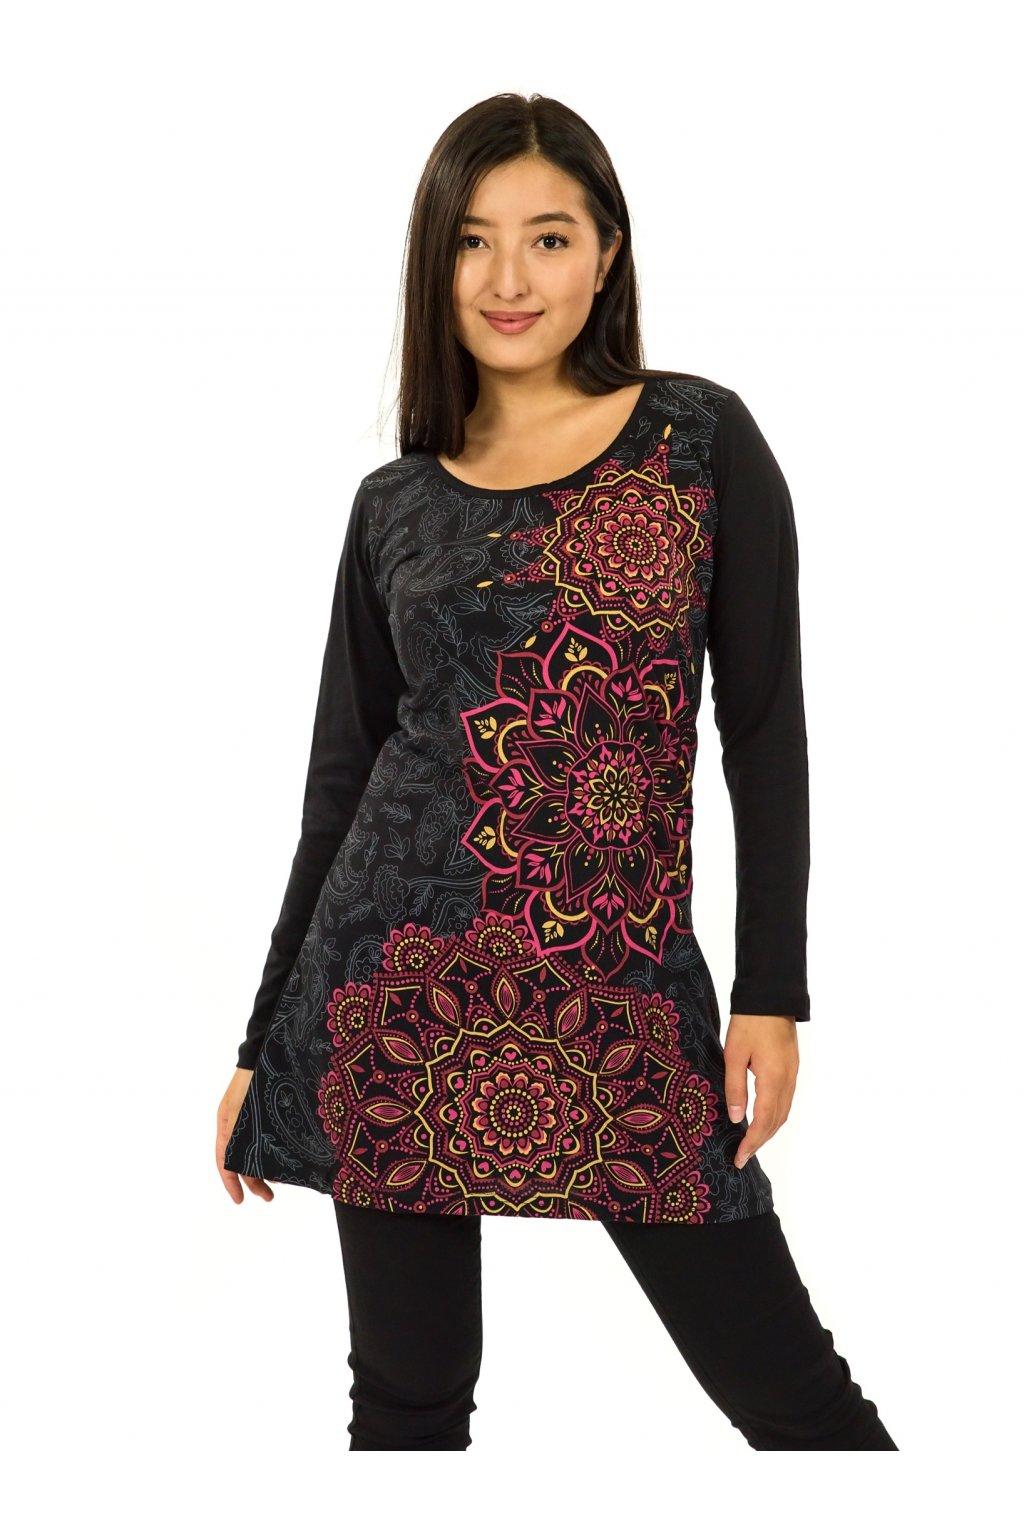 Šaty s dlouhým rukávem Taika - černá s růžovou